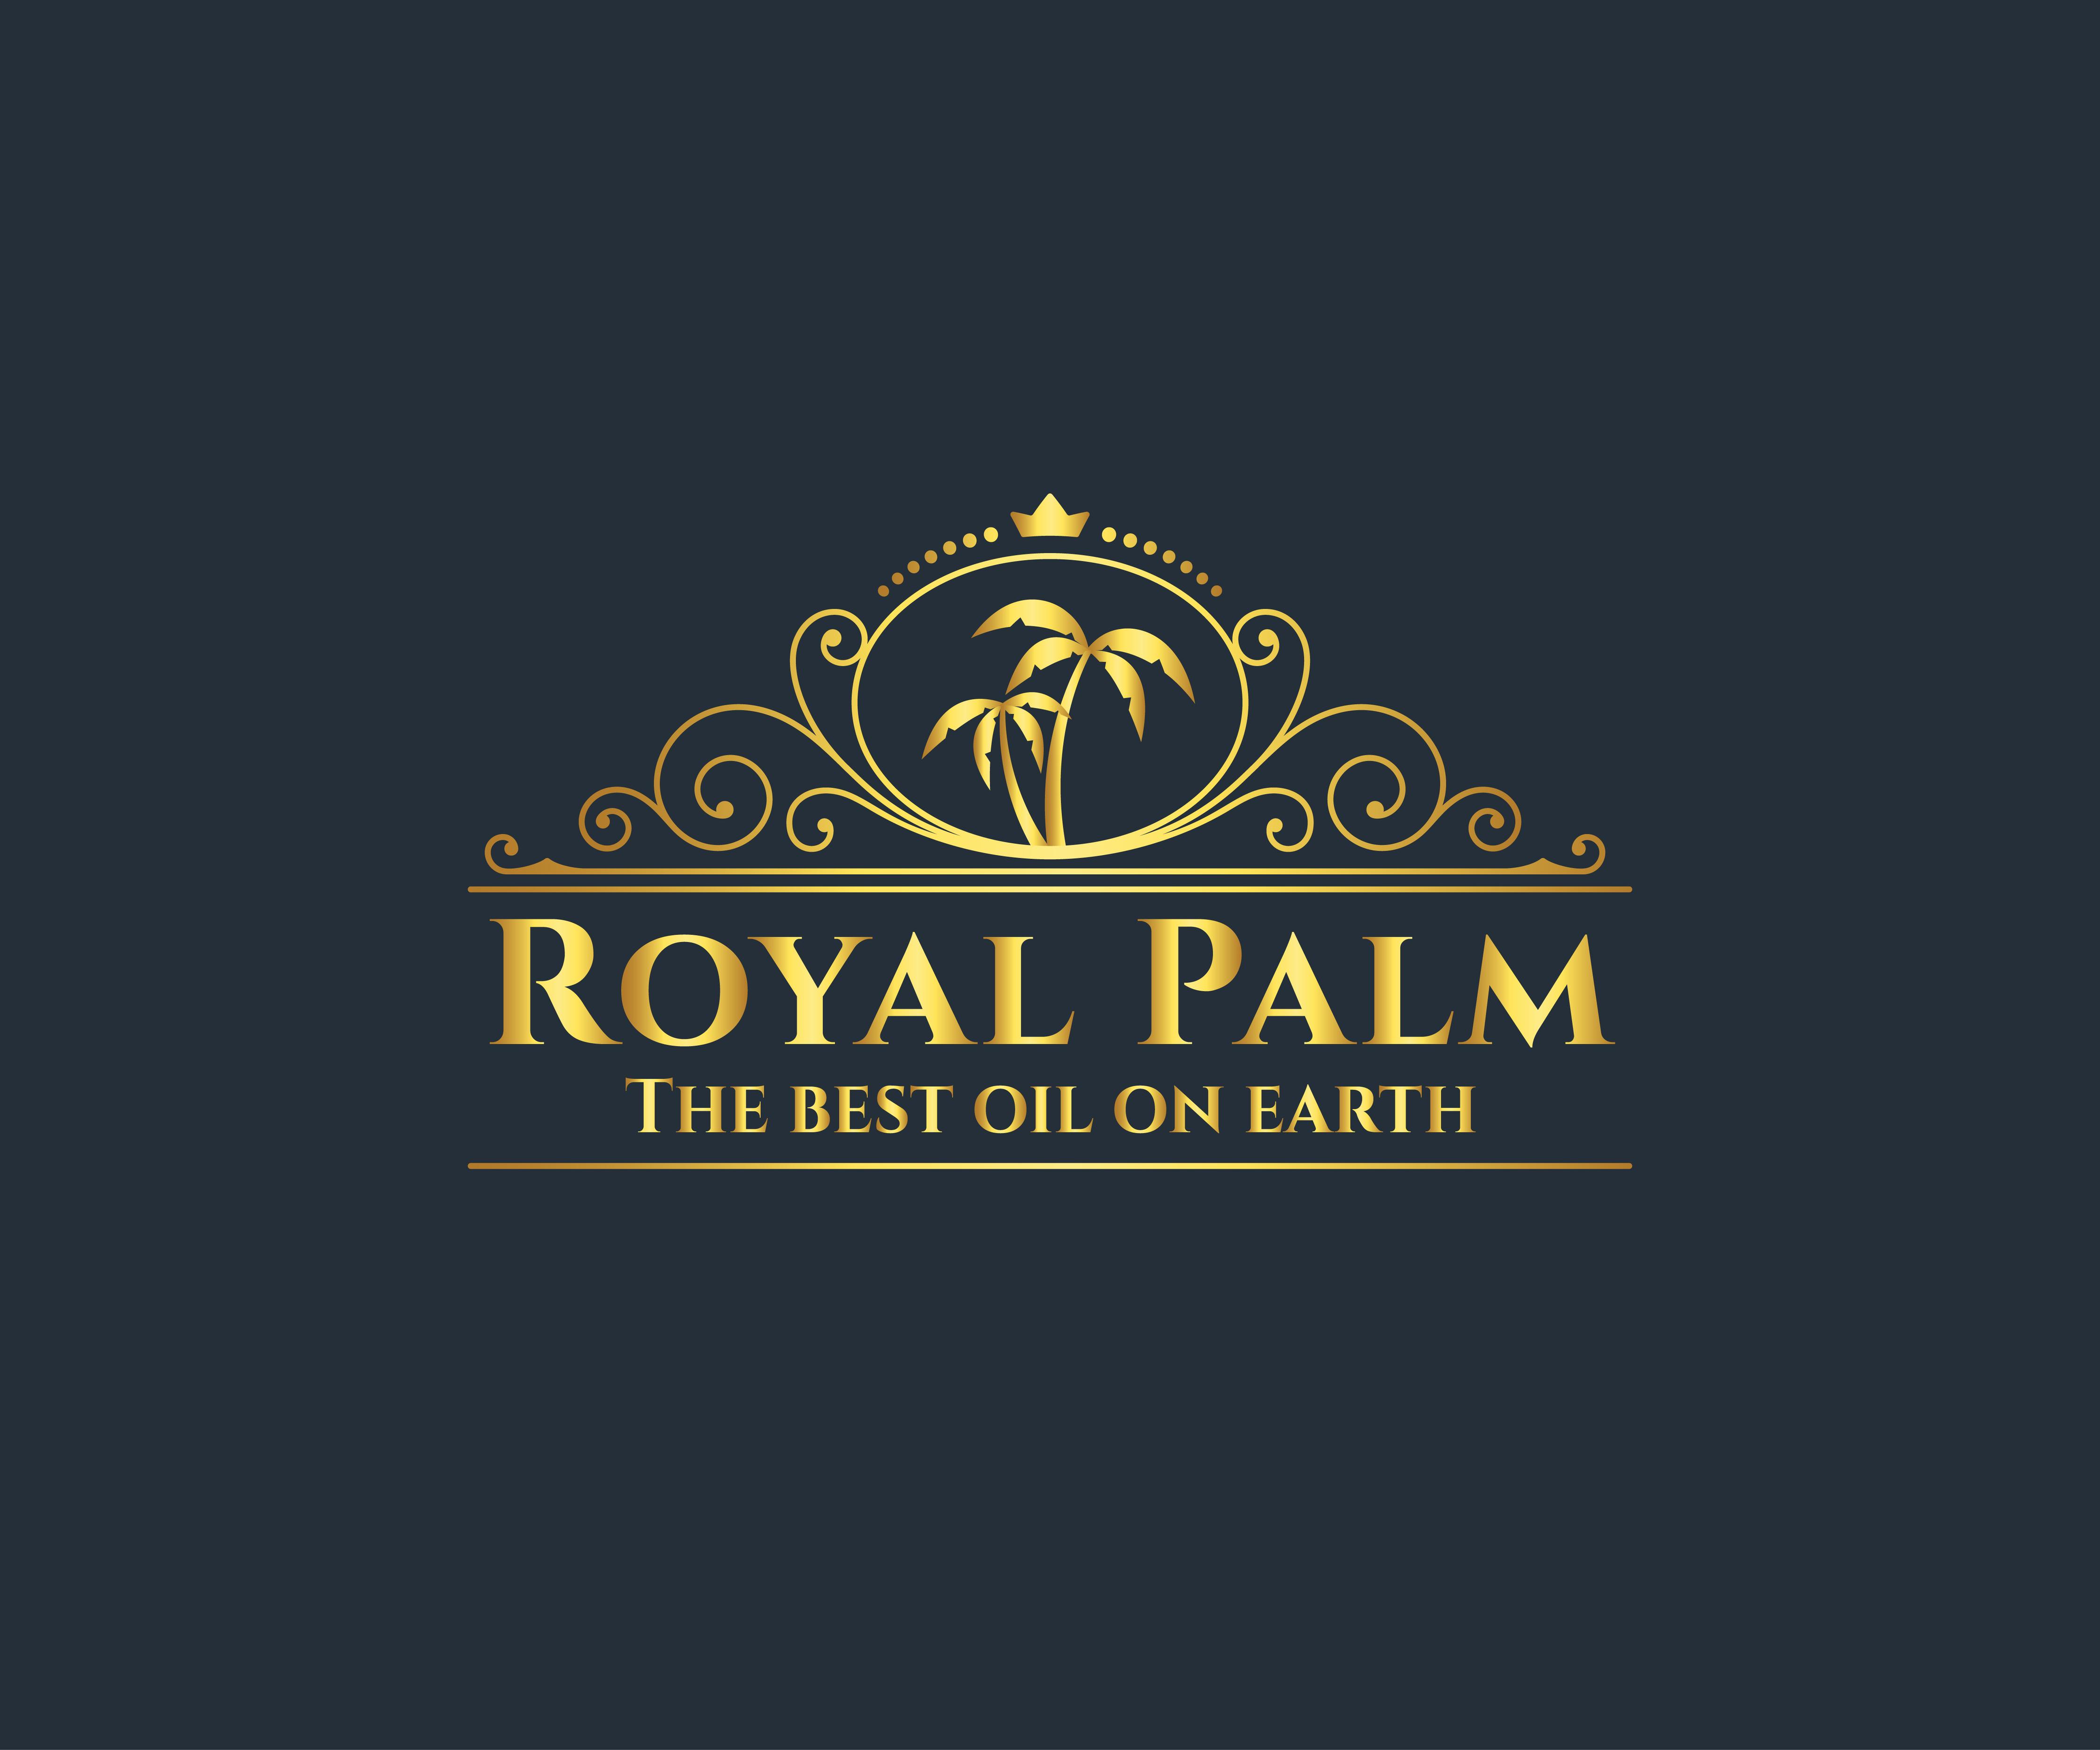 Poyal Palm Oil . Com